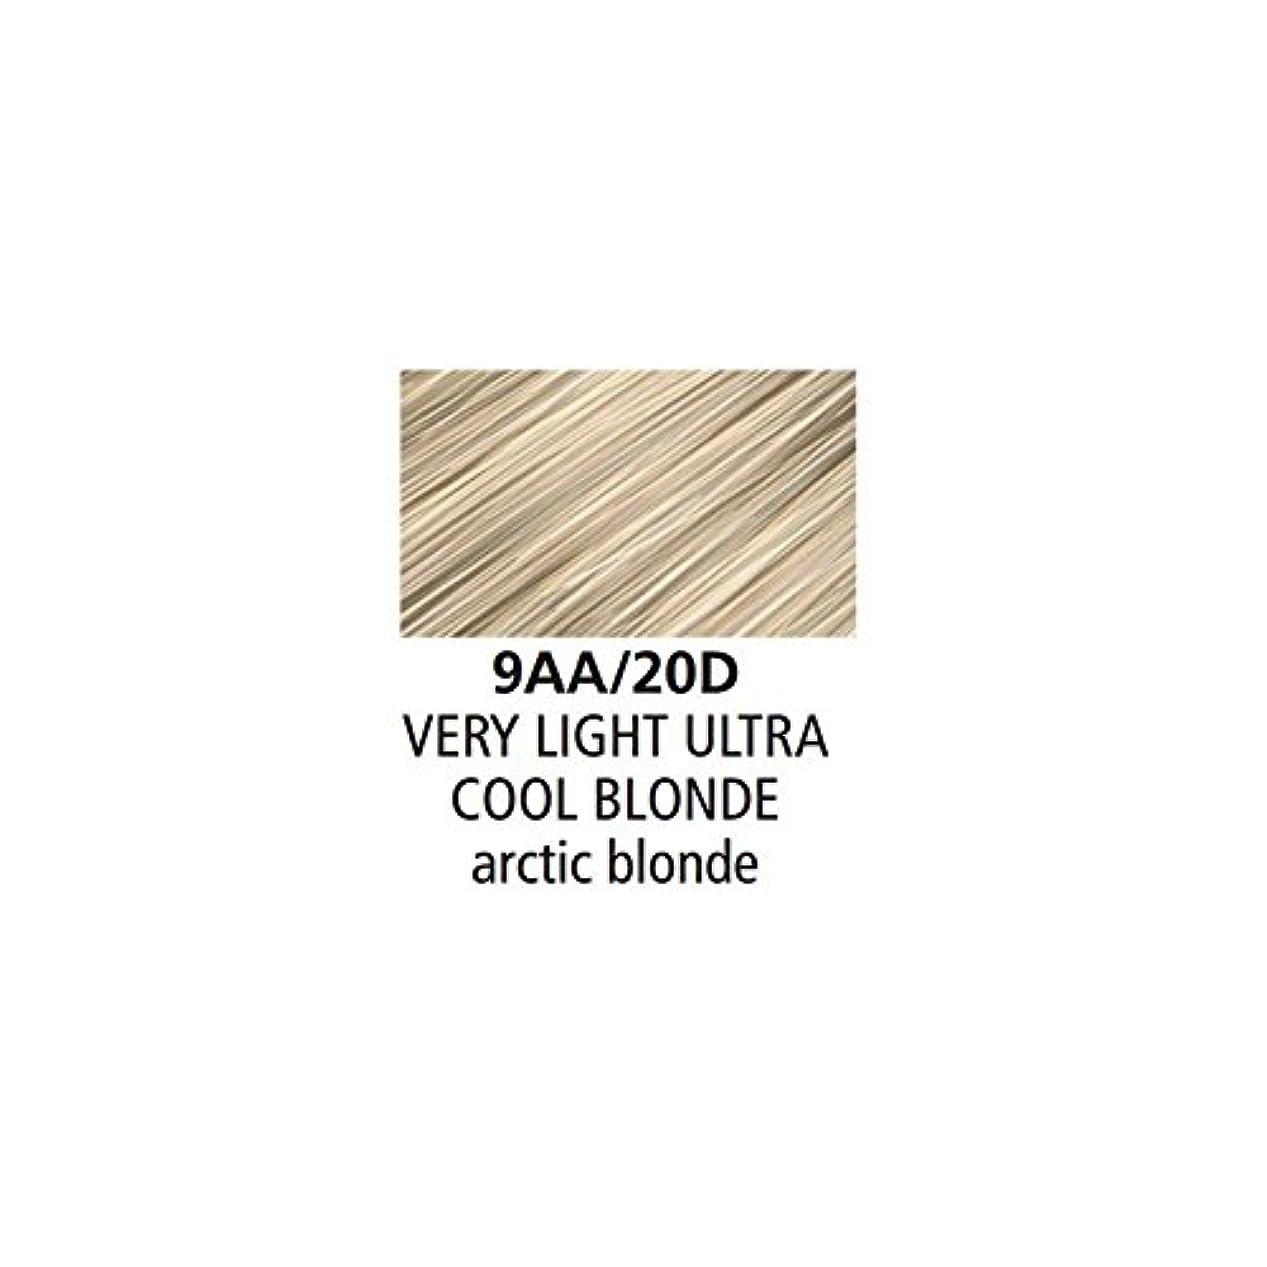 注釈を付けるスタウト裁量Clairol Professional - SOY4PLEX - Liquicolor Permanente - Very Light Ultra Cool Blonde - 9AA/20D - 2 oz / 59 mL